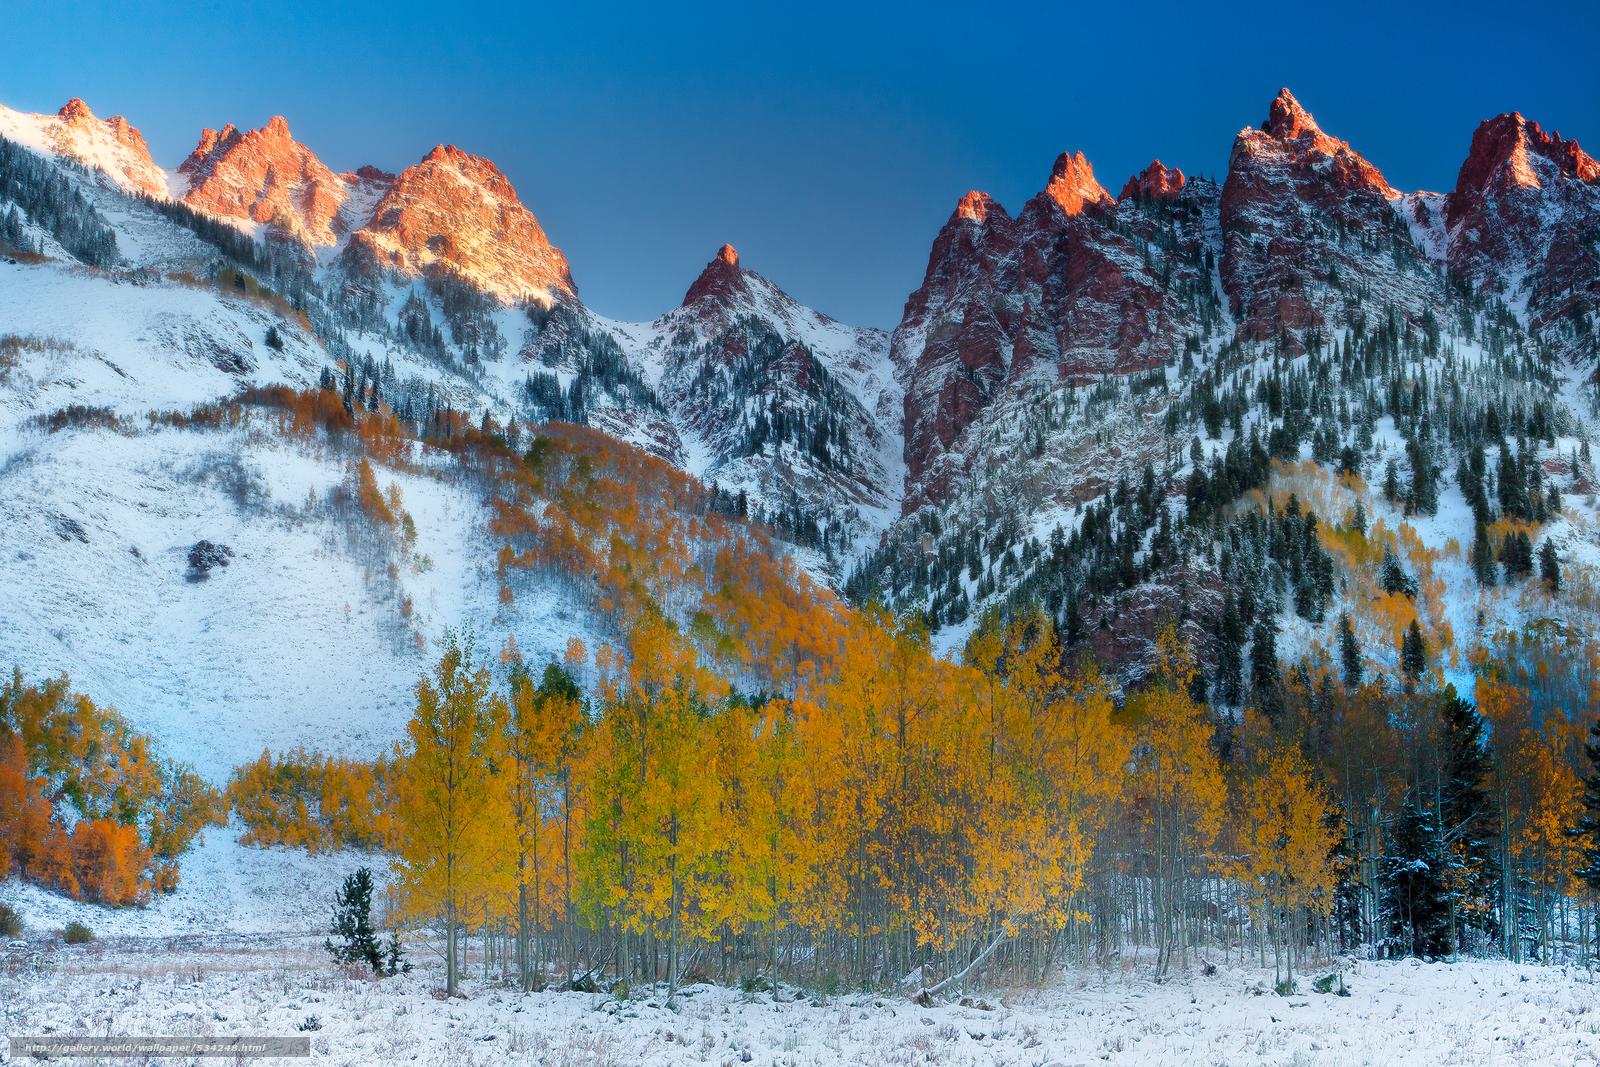 Aspen Colorado Wallpaper Wallpapersafari HD Wallpapers Download Free Images Wallpaper [1000image.com]